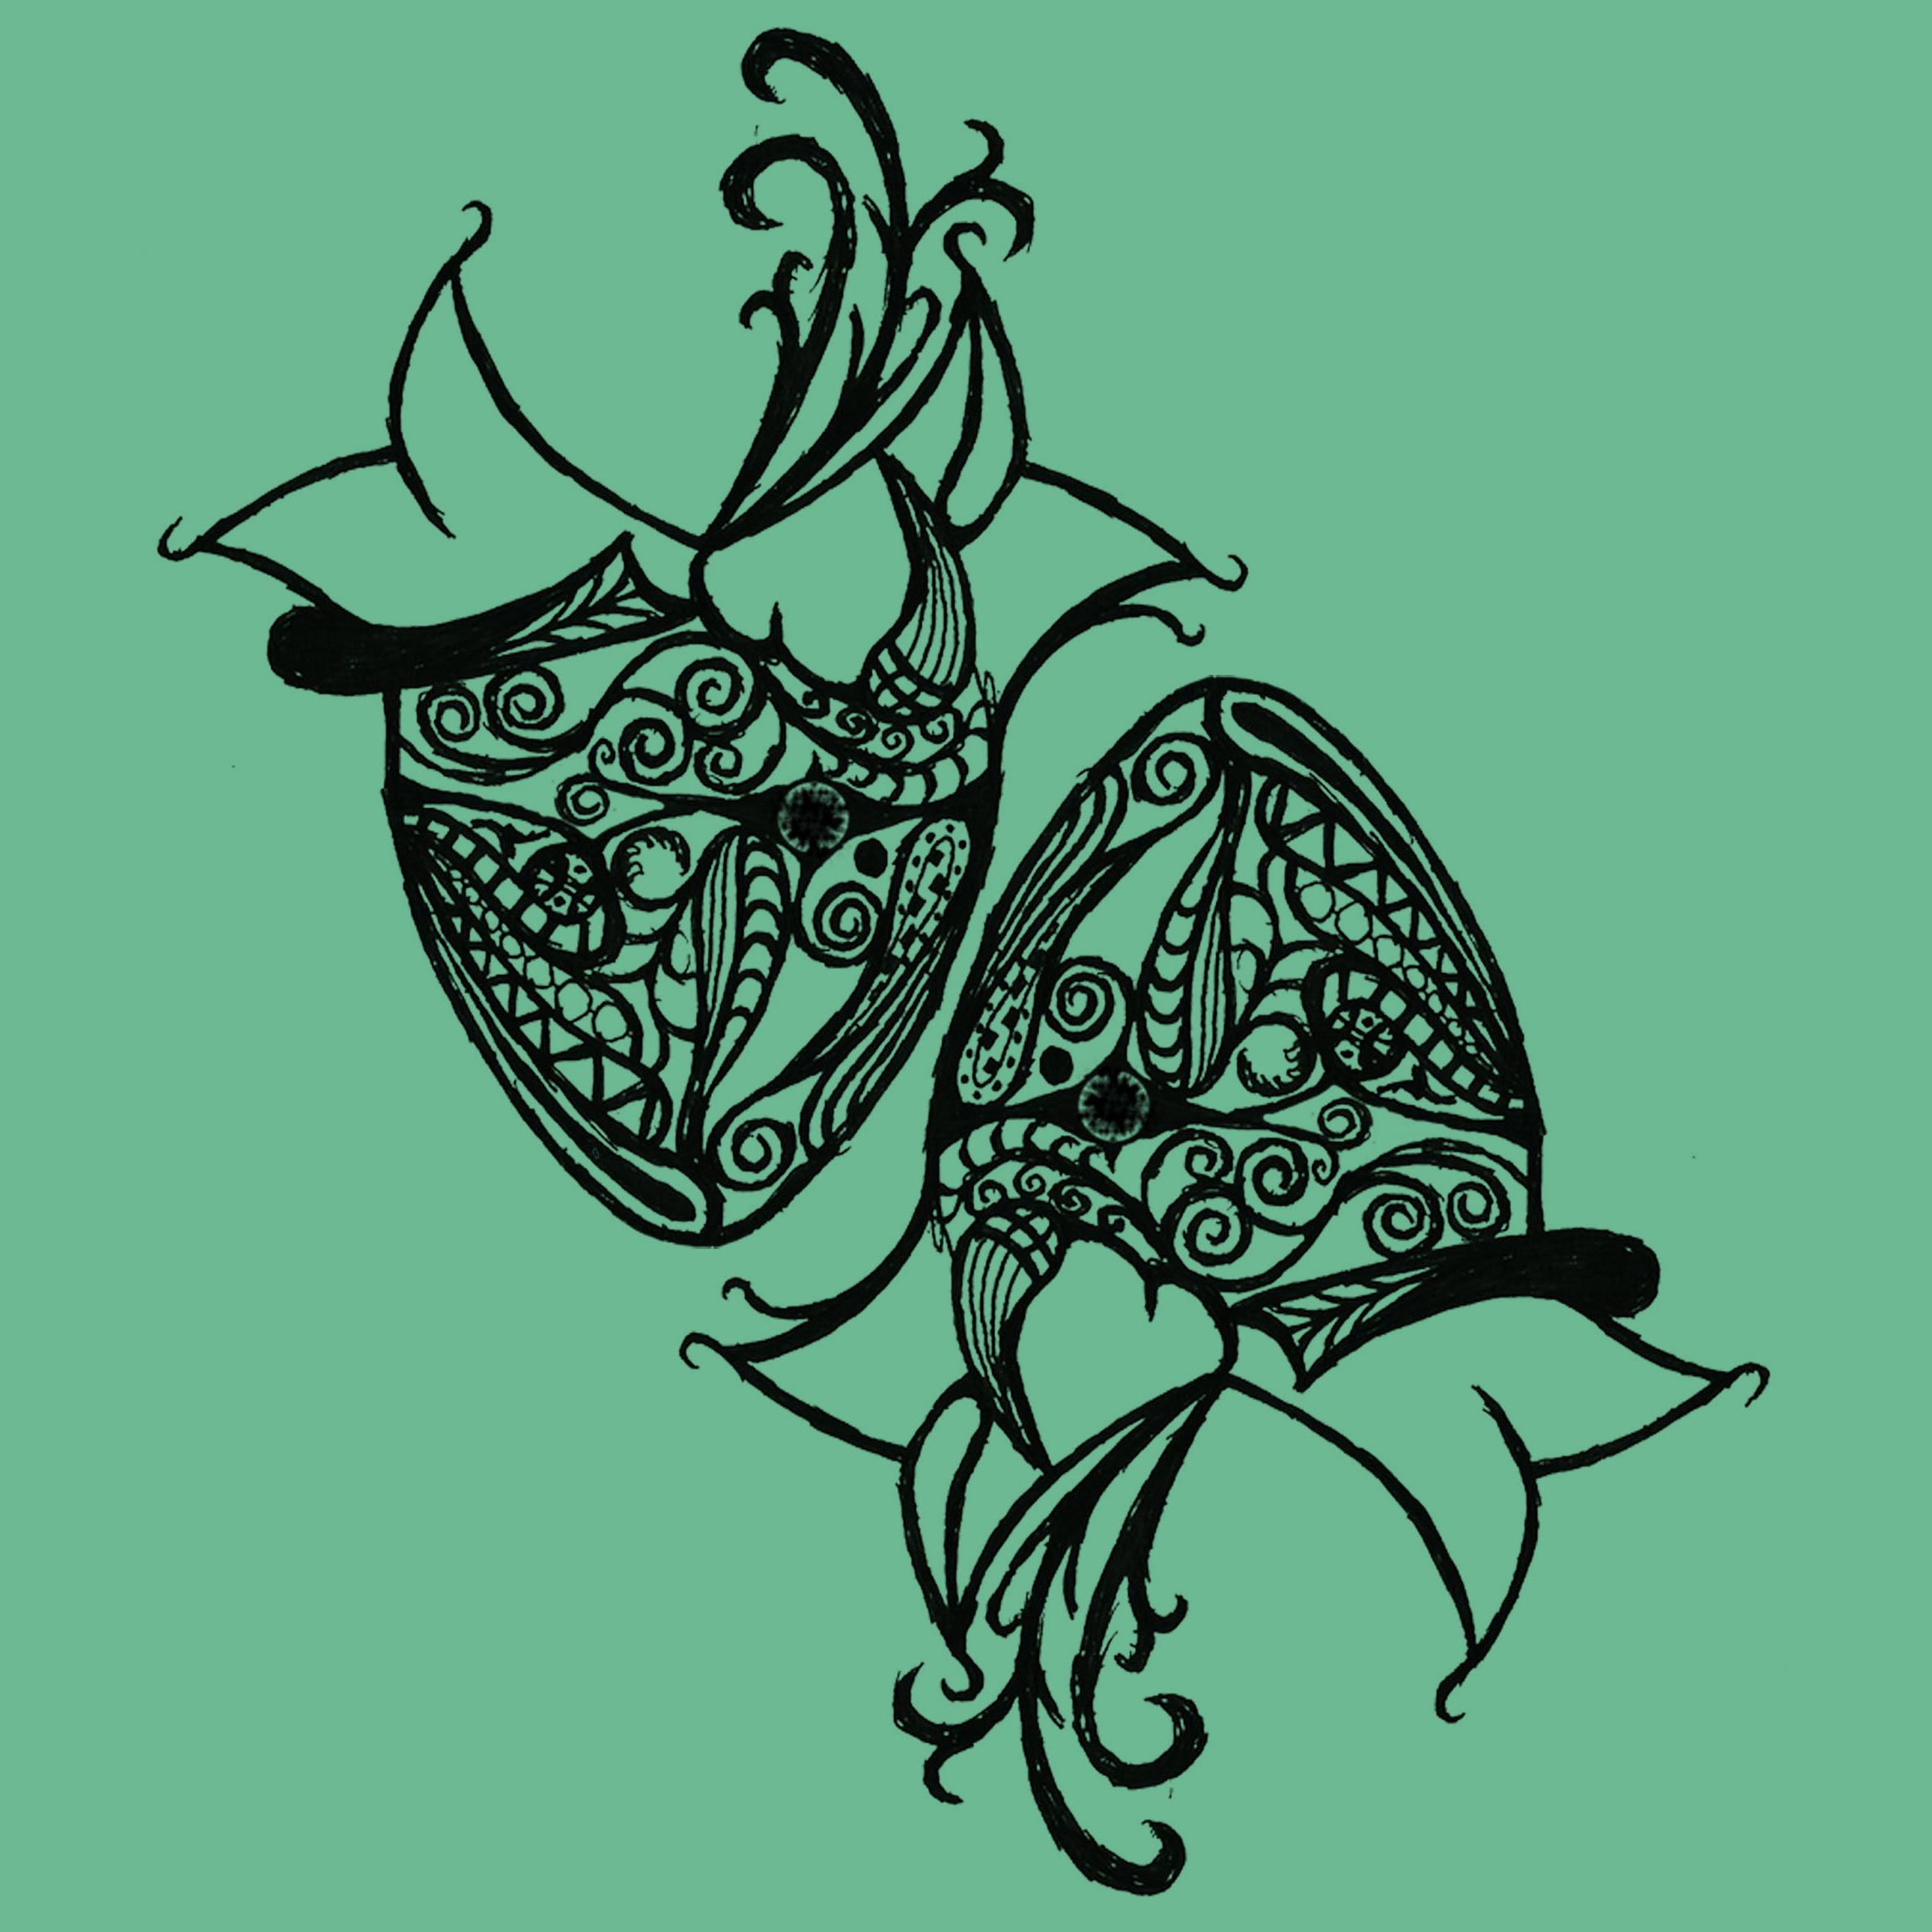 手绘星座|纯艺术|其他艺创|金牛座大余吃小鱼 - 原创